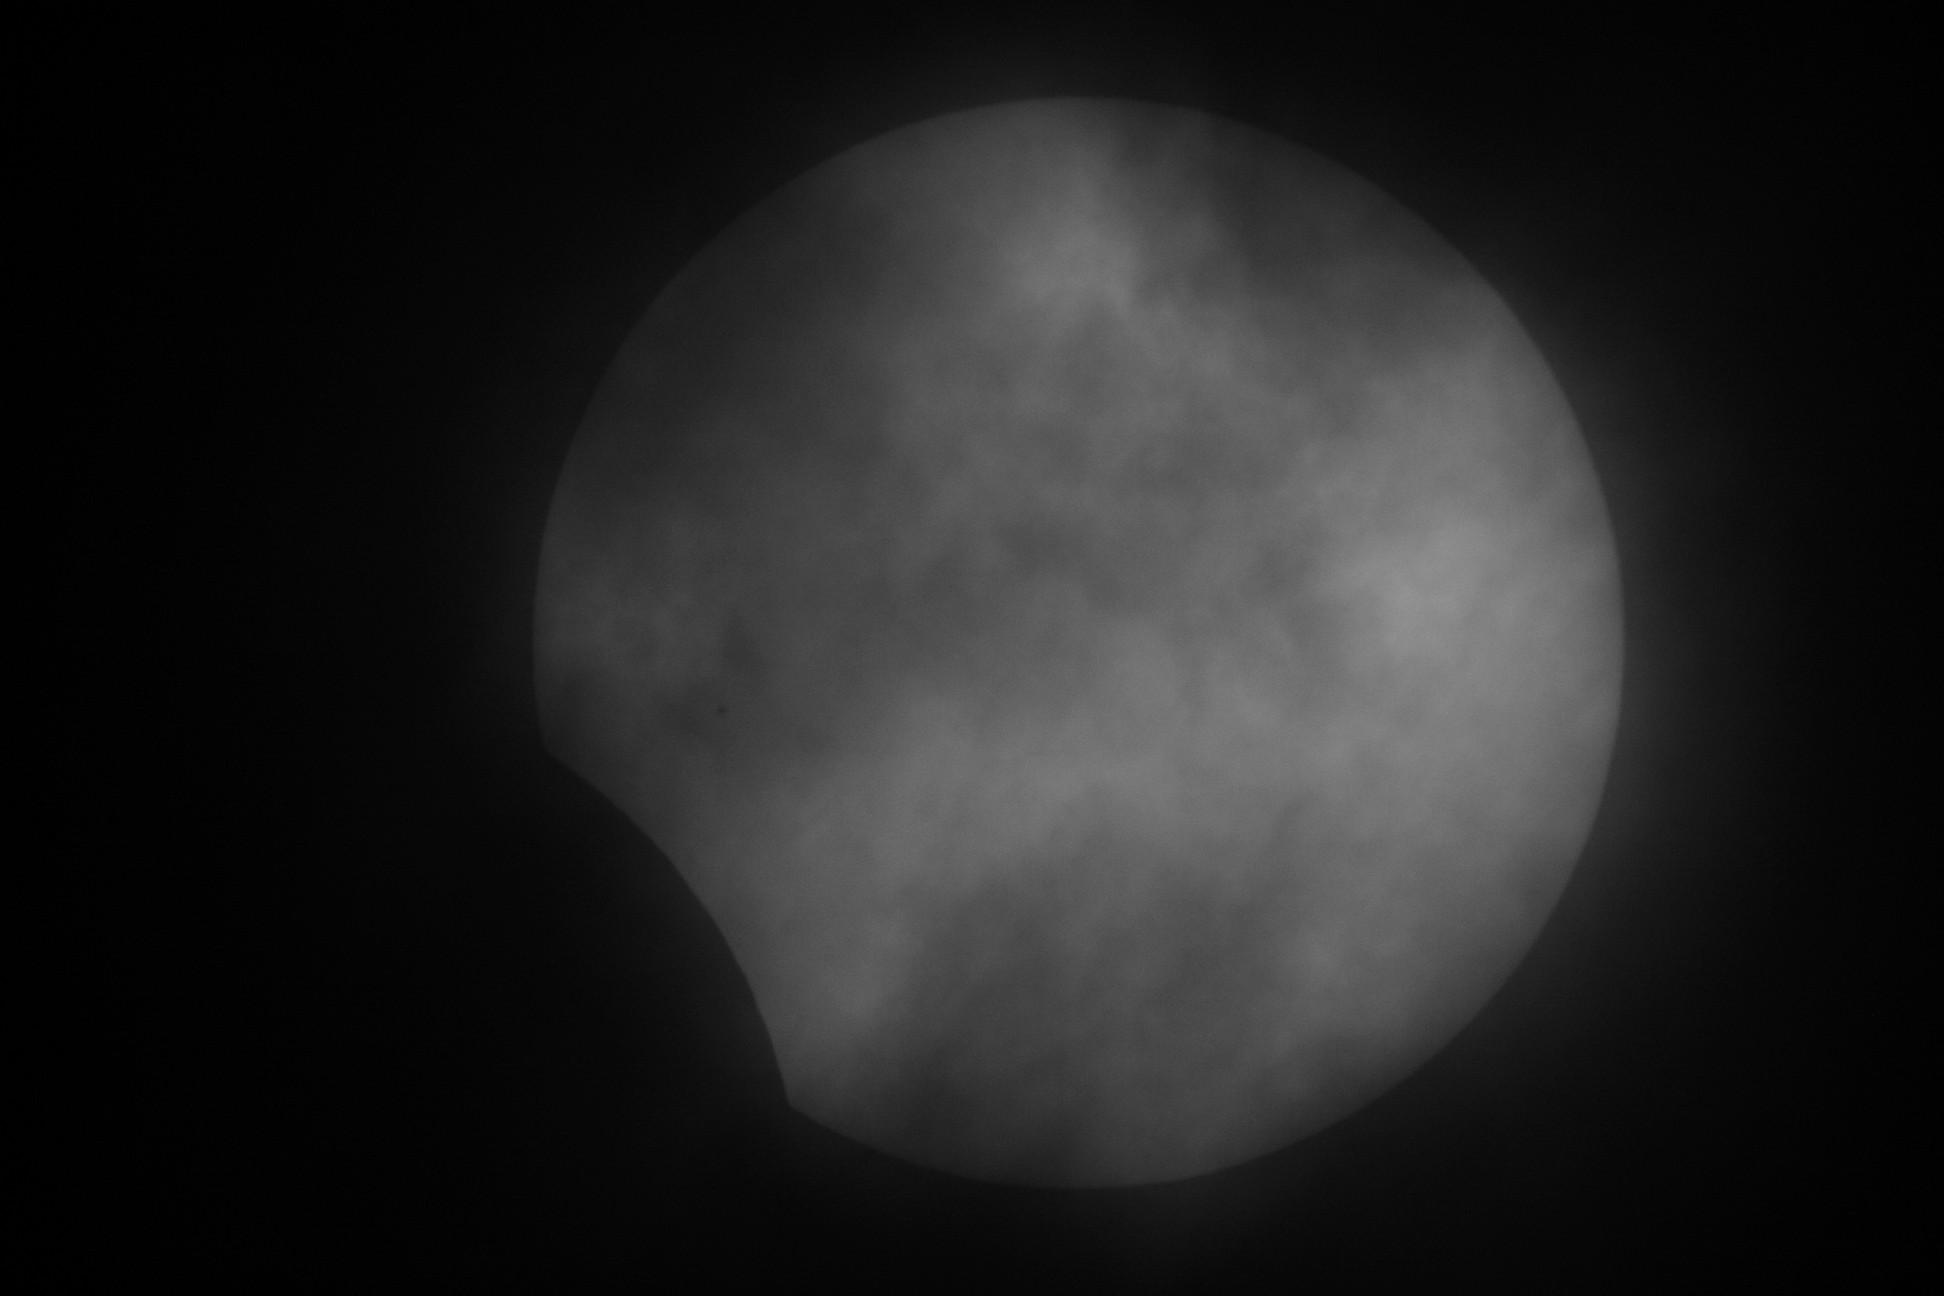 Eclipse solaire du 20/03/2015 Ec1410